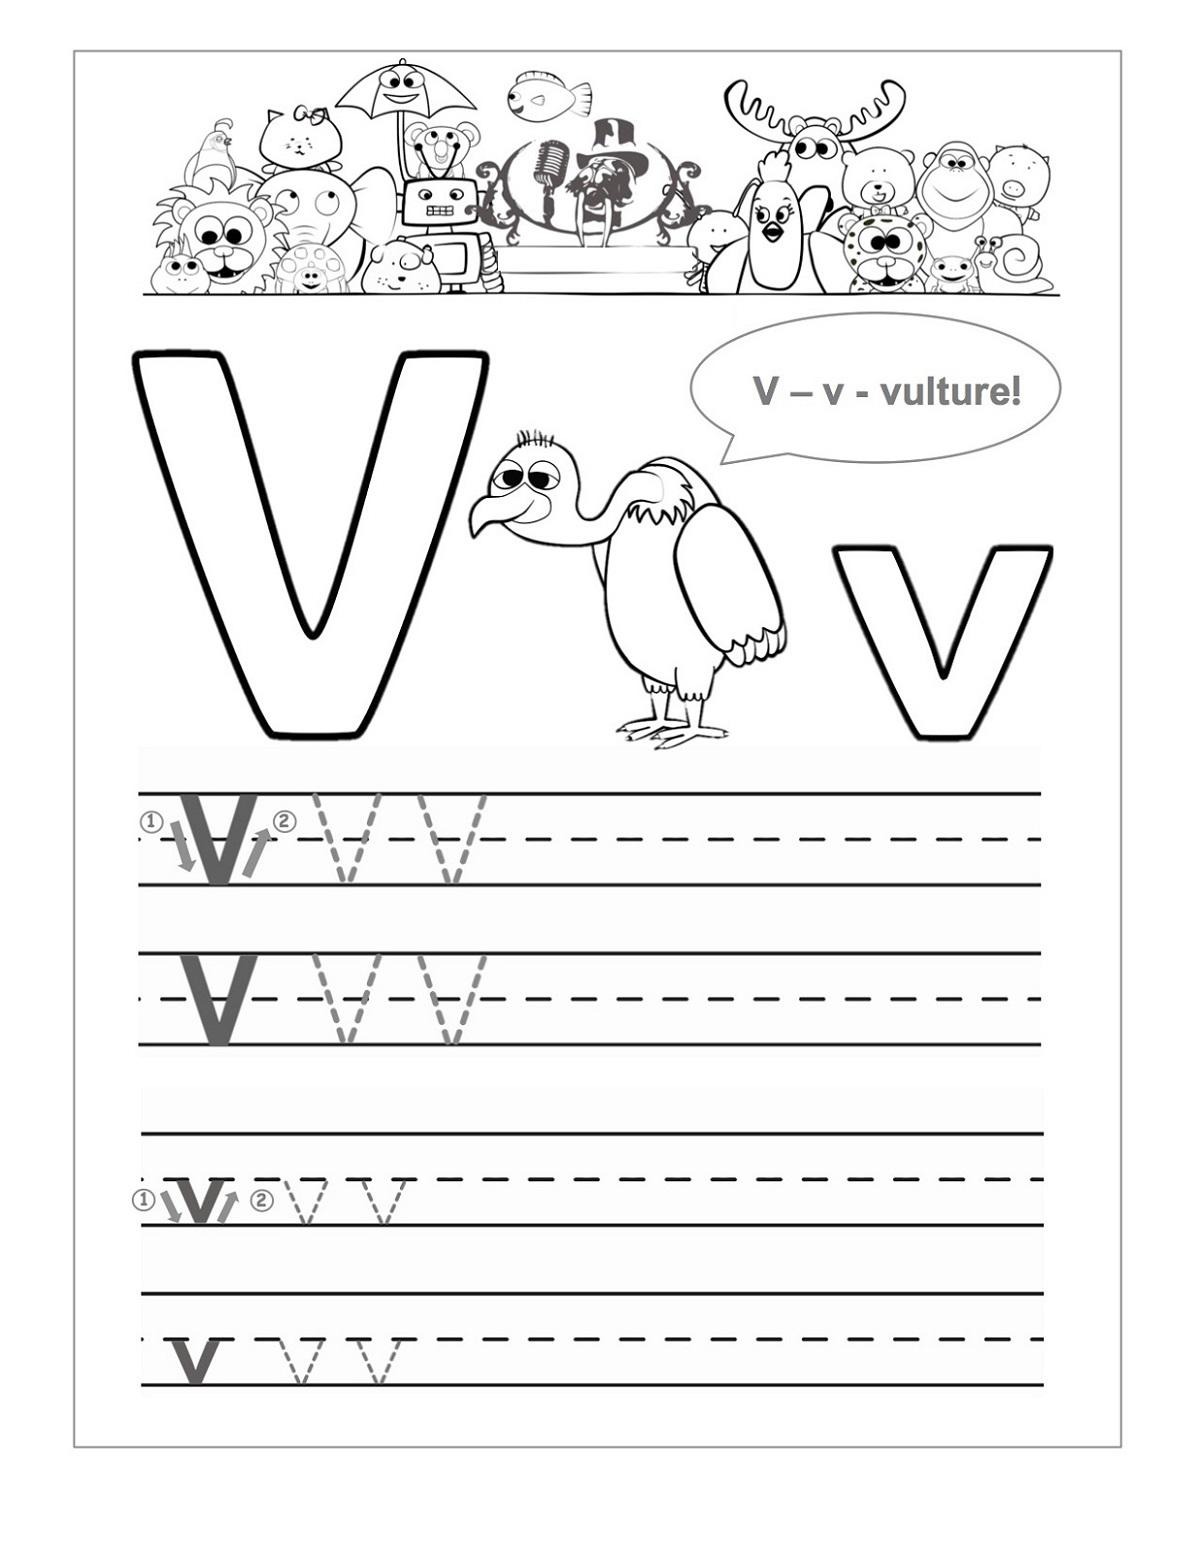 Printable Letter V Worksheets